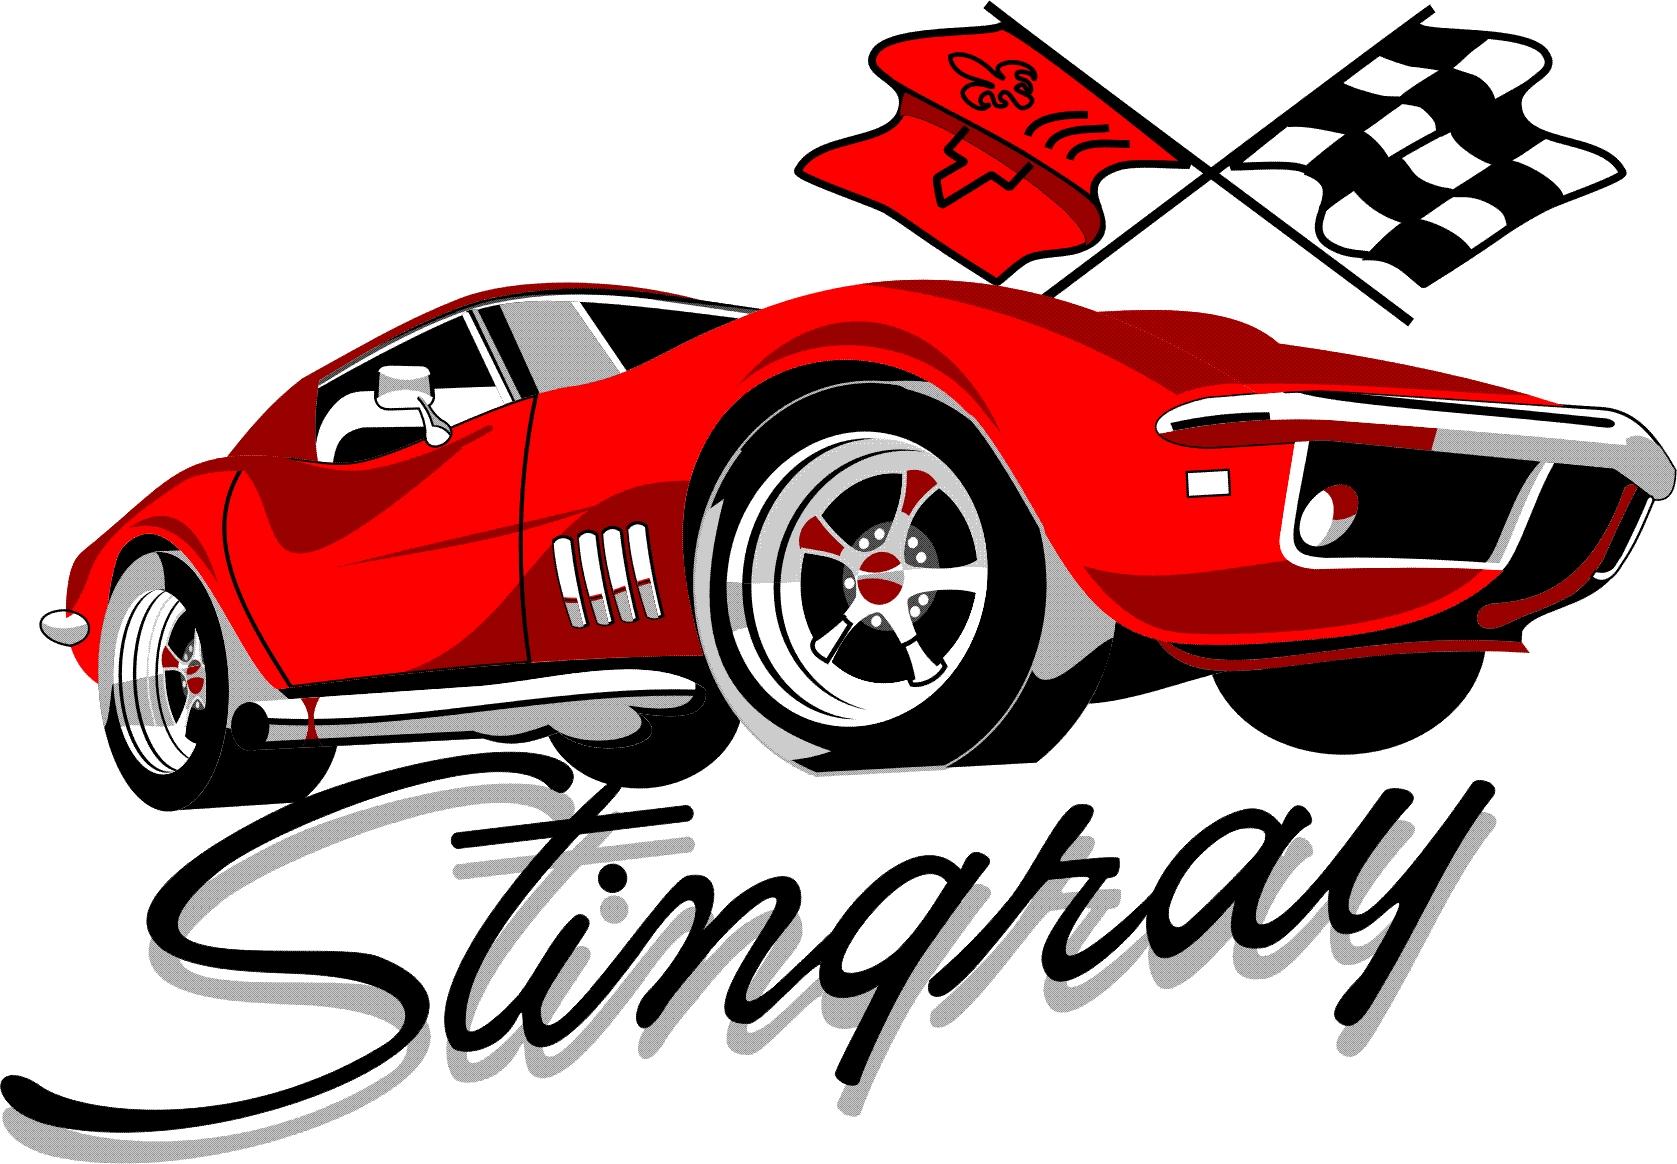 Corvette cliparts.